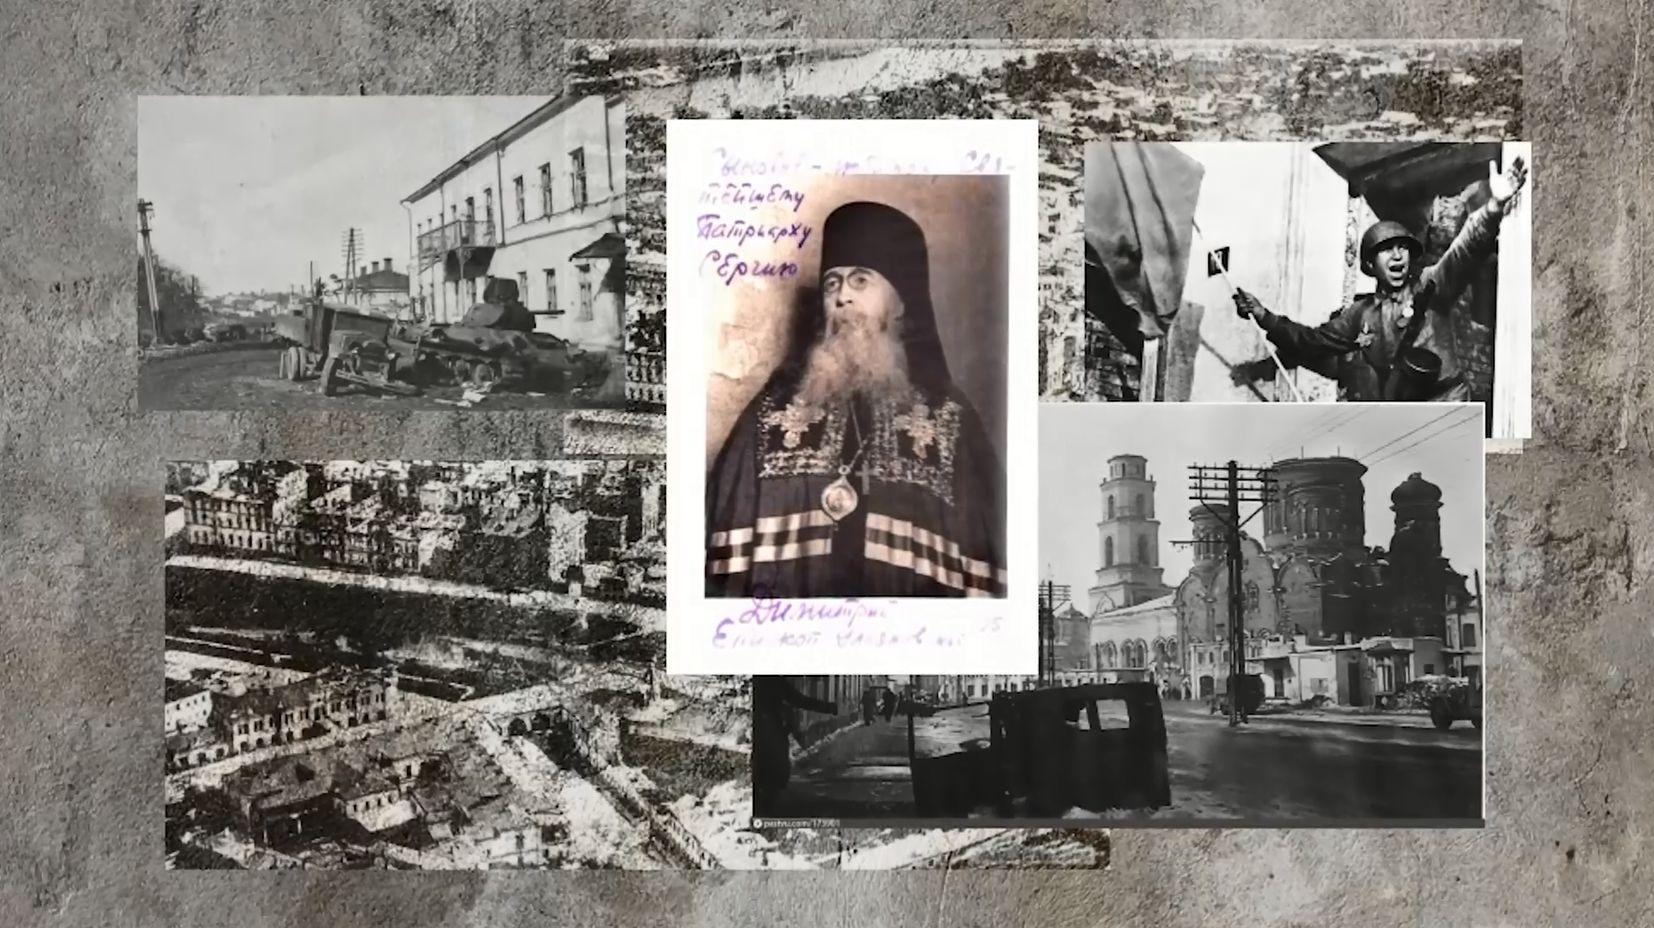 Ярославль: эпоха, люди, возрождение. Бессильны скорби надо мной (ч. 2)